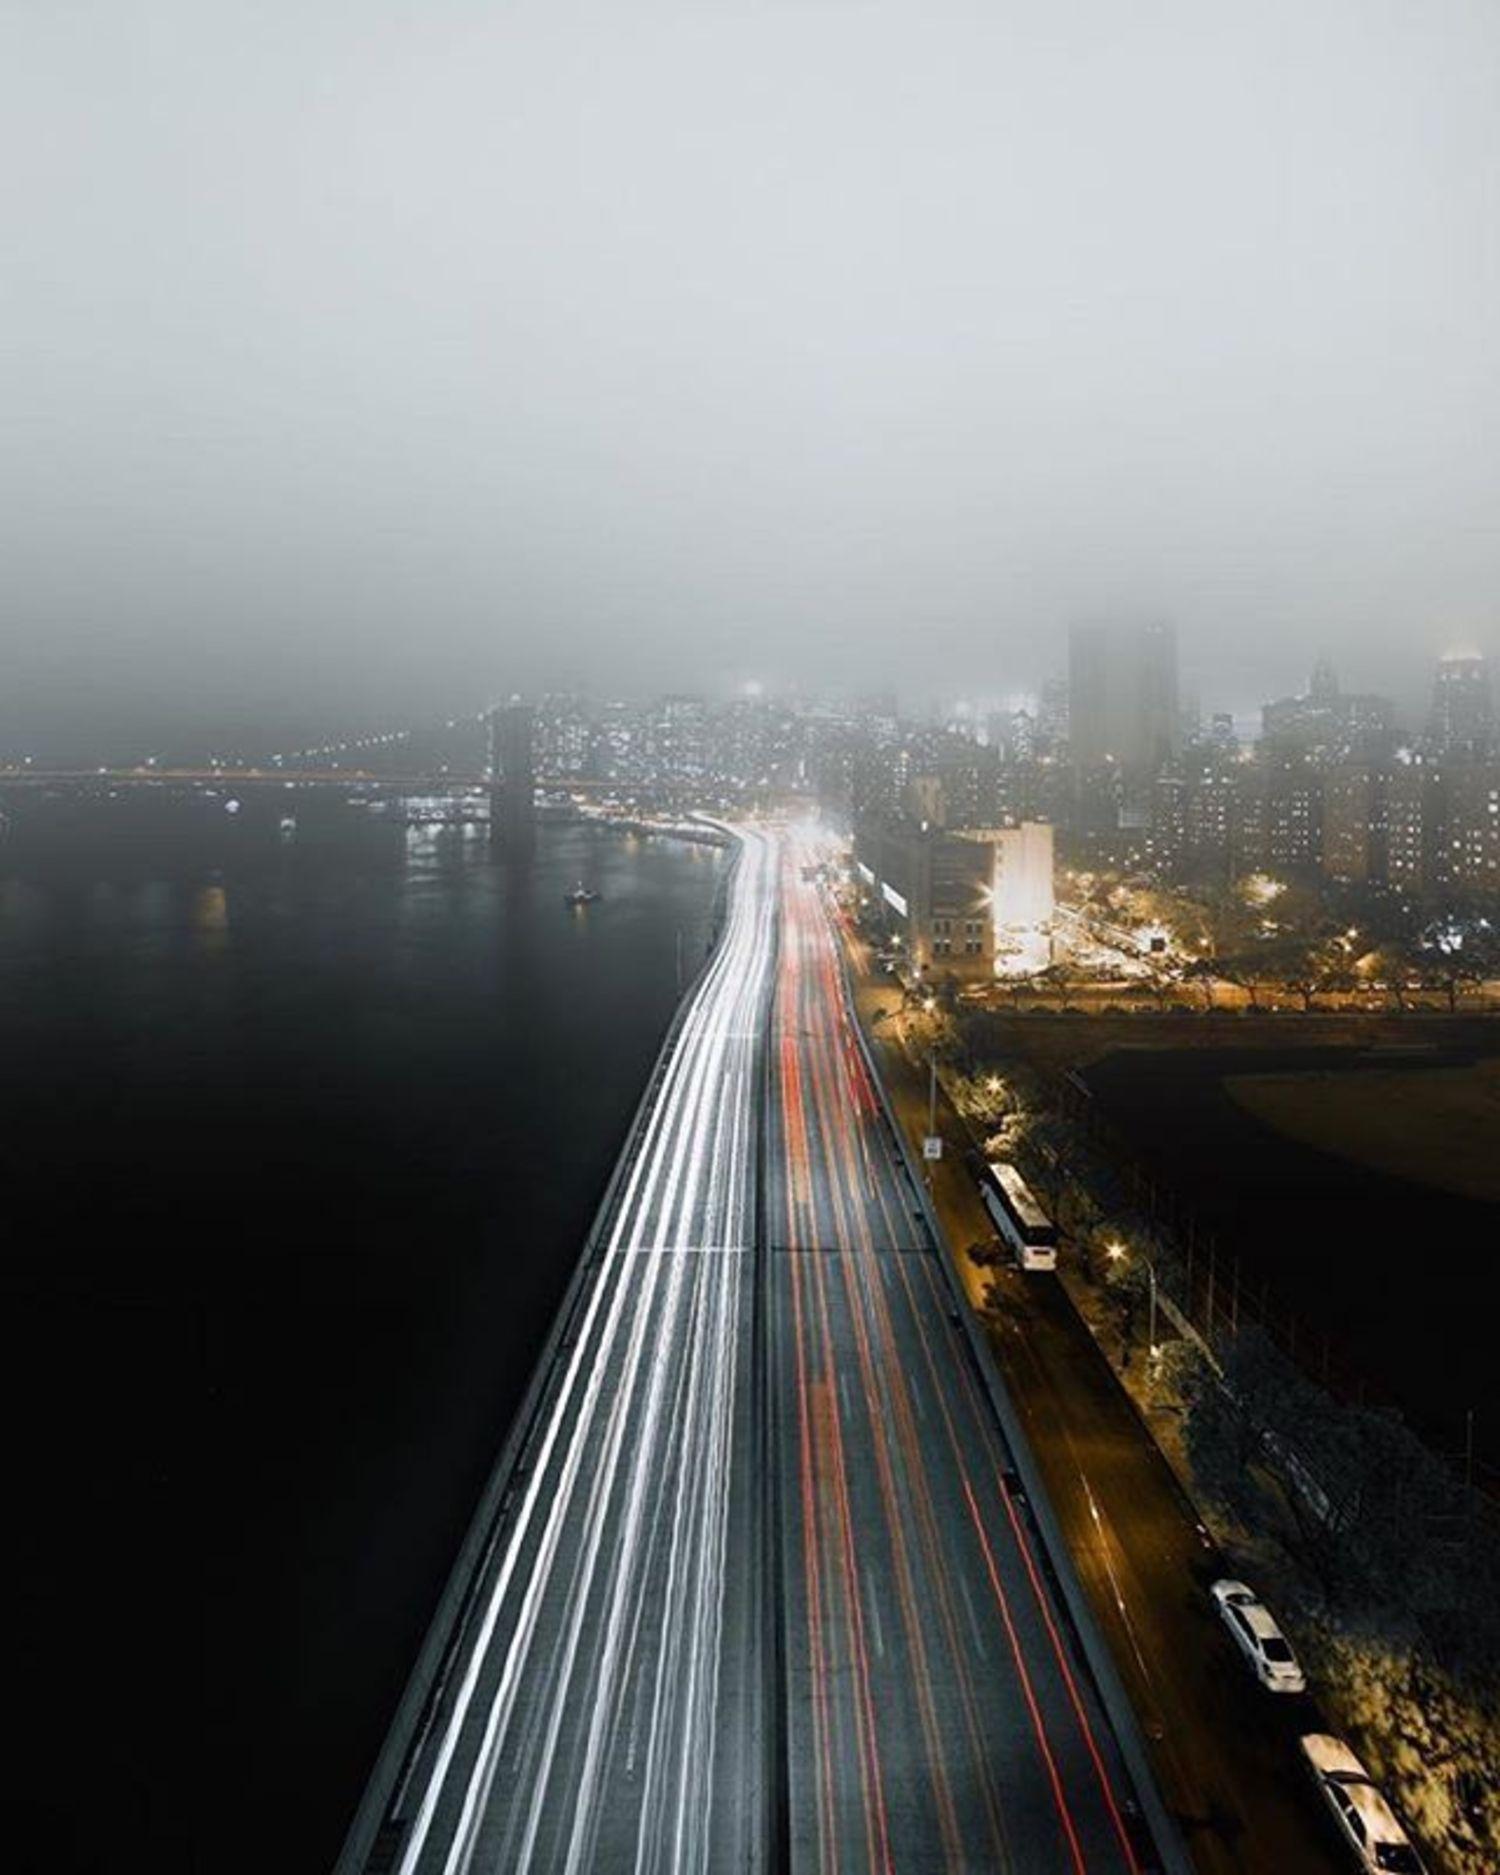 Lower Manhattan. Photo via @raylivez #viewingnyc #newyorkcity #newyork